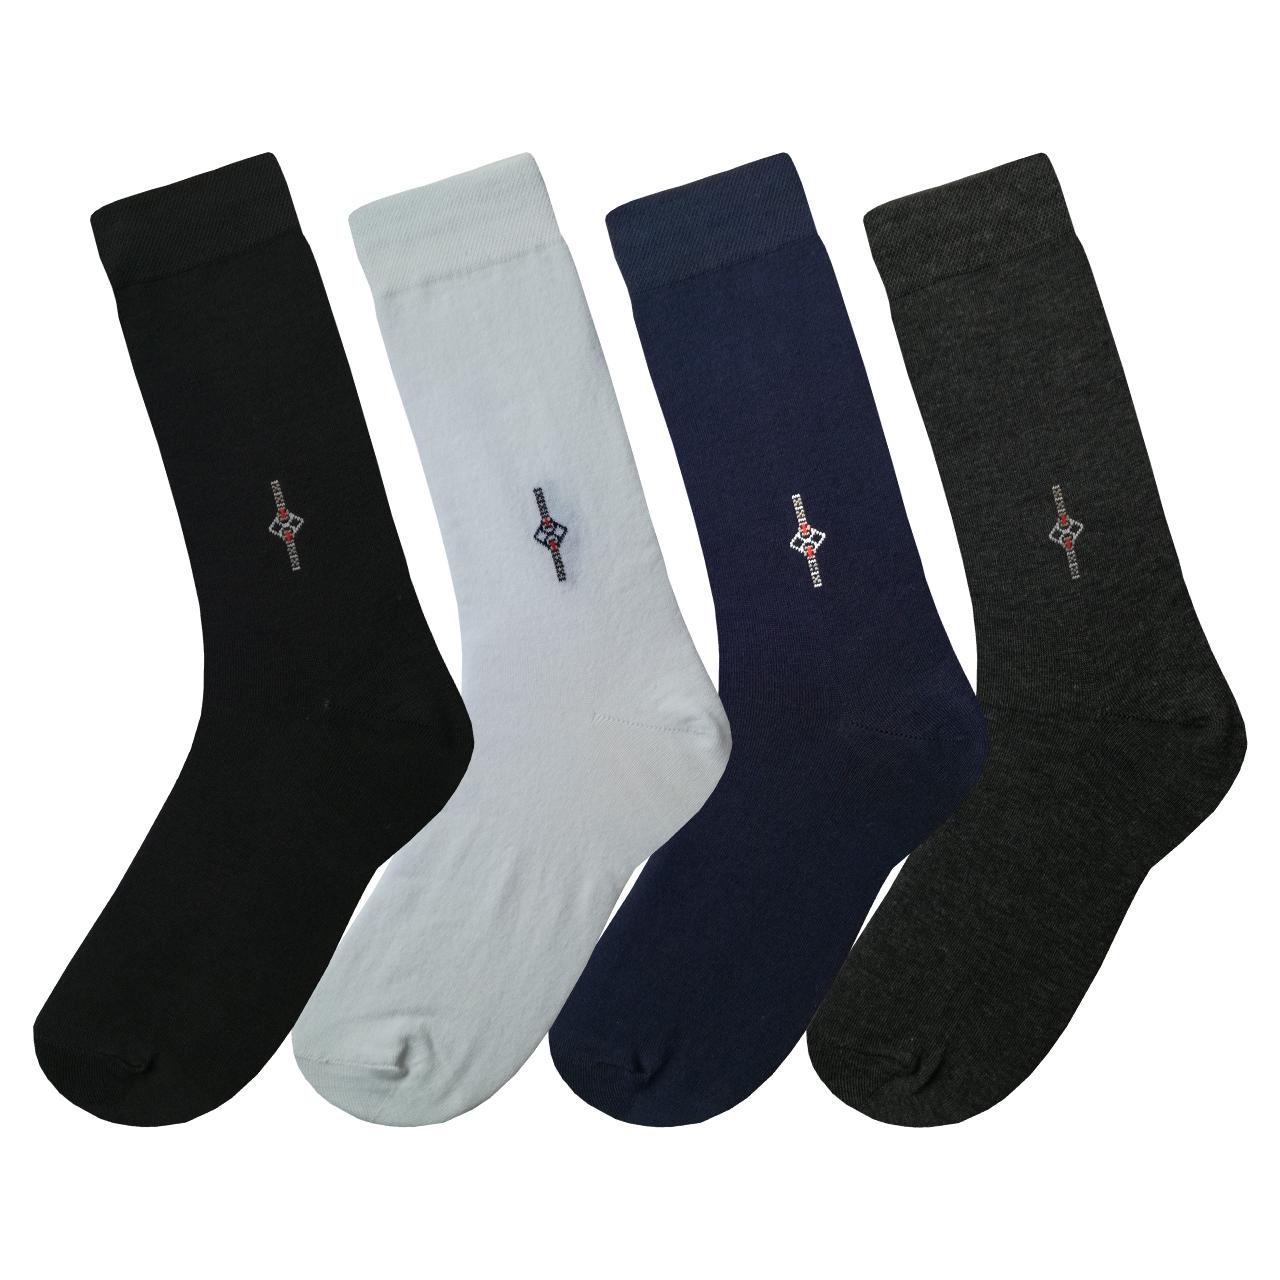 جوراب مردانه کد 232 مجموعه 4 عددی